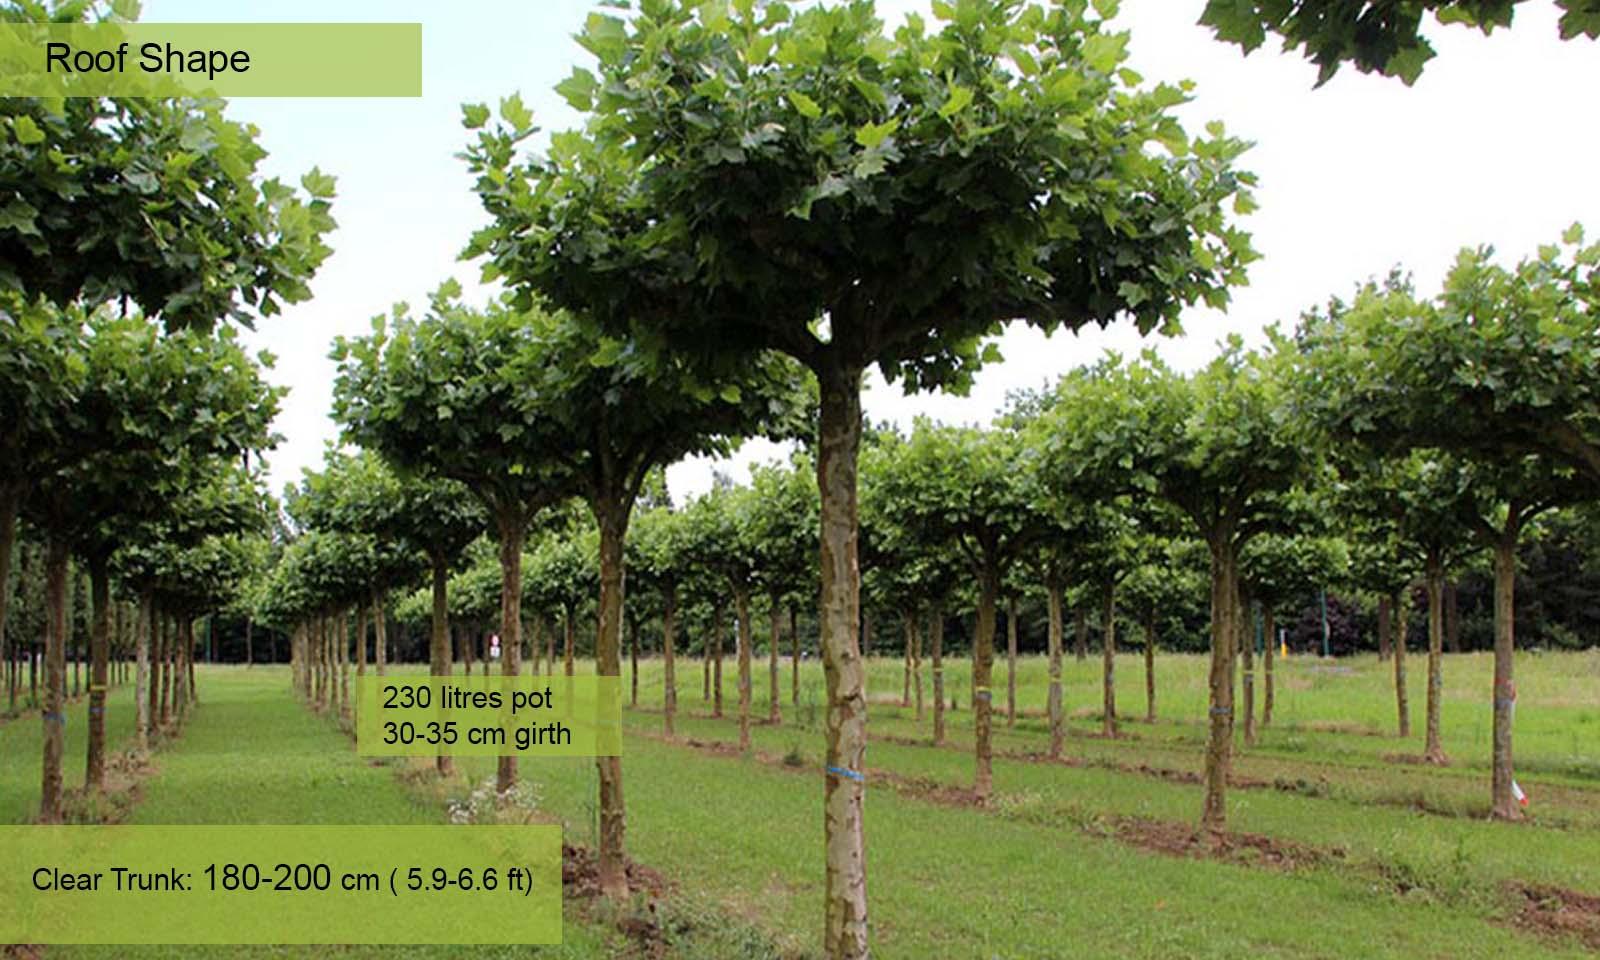 Platanus x Acerifolia (London Plane / London Planetree ) - Roof Shape